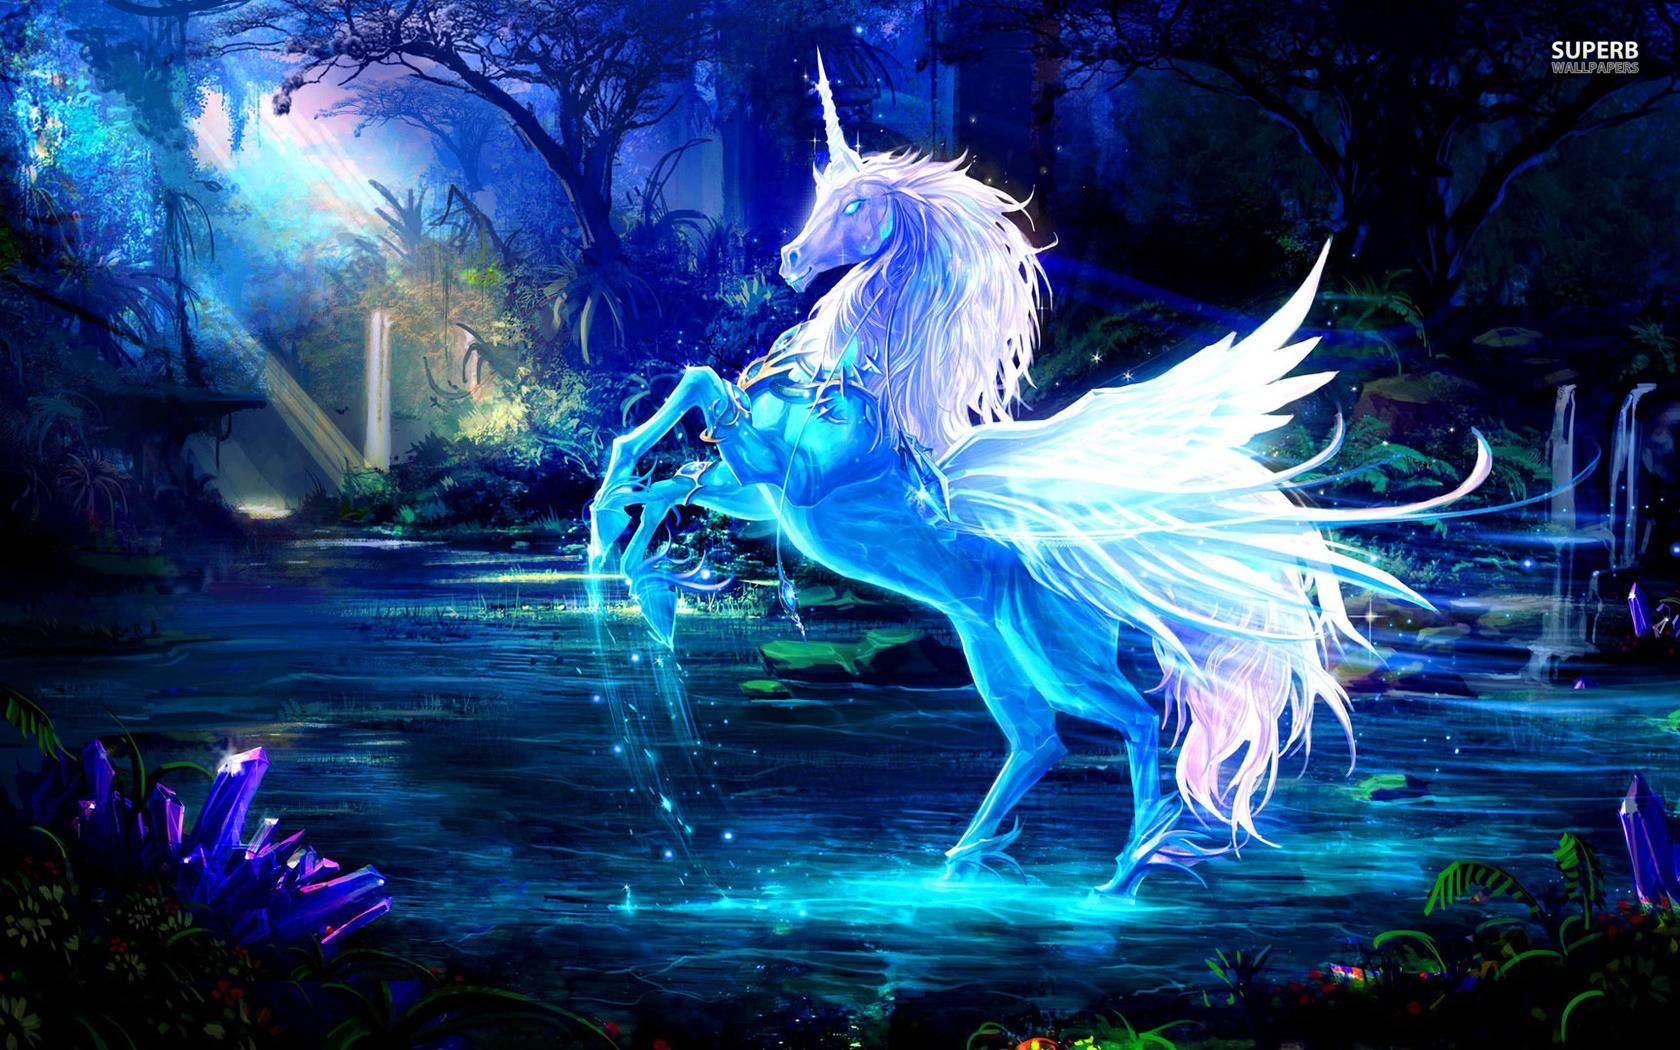 12 Unicorn Stock Photos Without Background Images